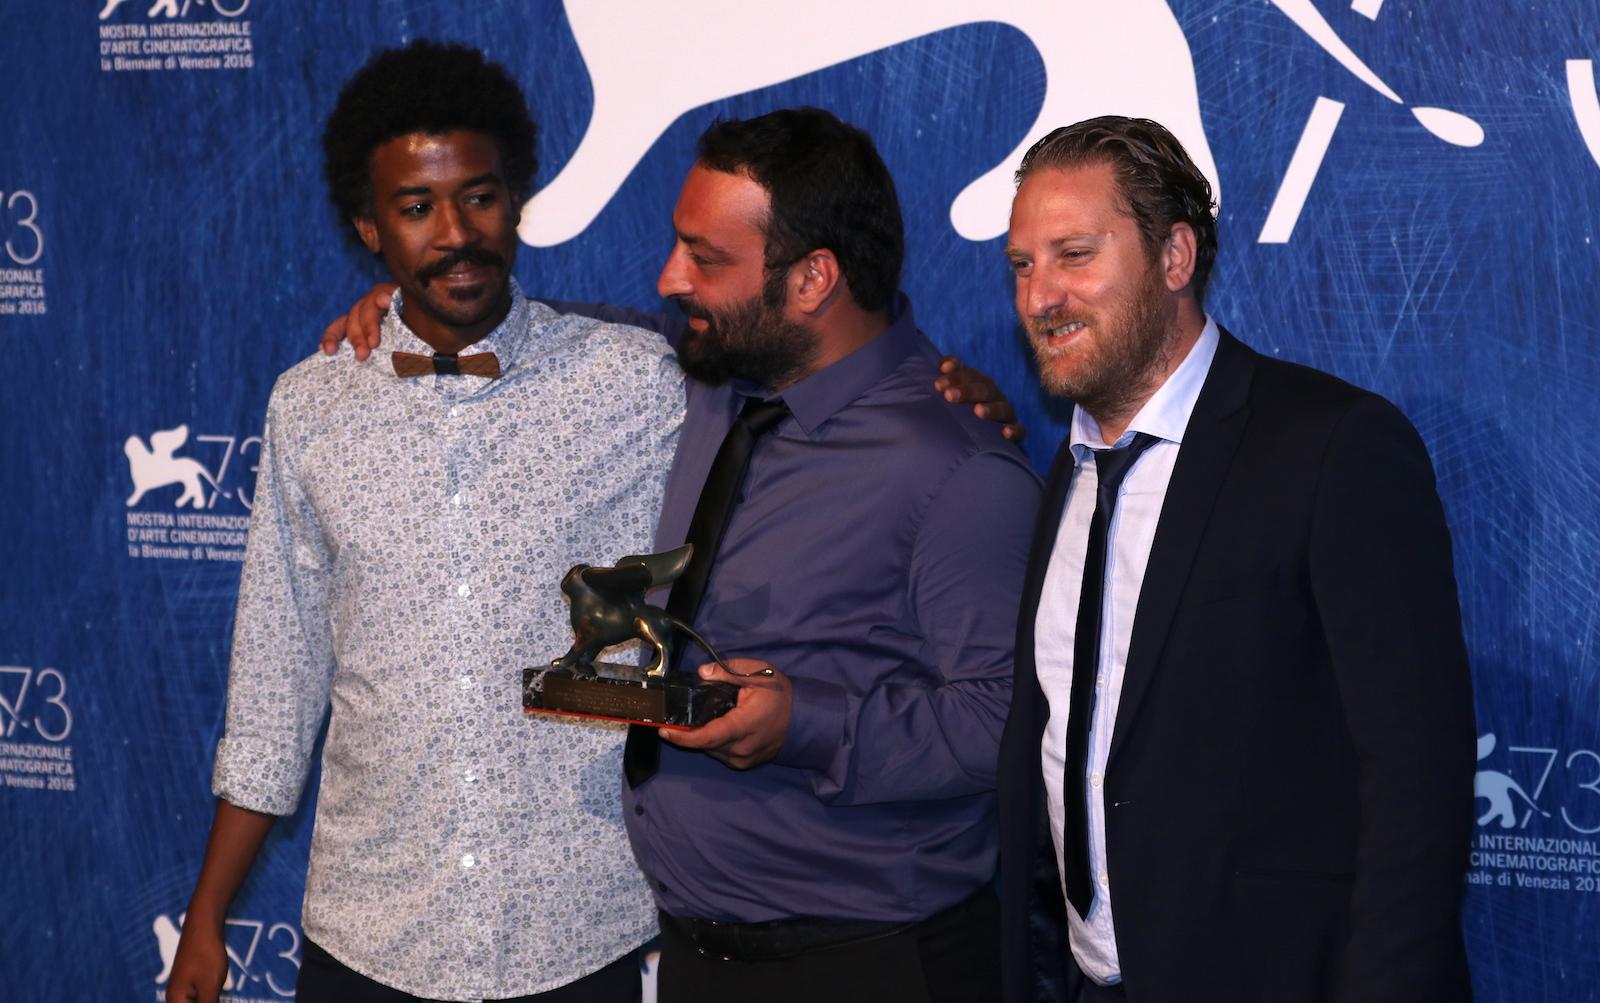 Venezia 2016: Ala Eddine Slim e il cast di The Last of Us al photocall dei premiati